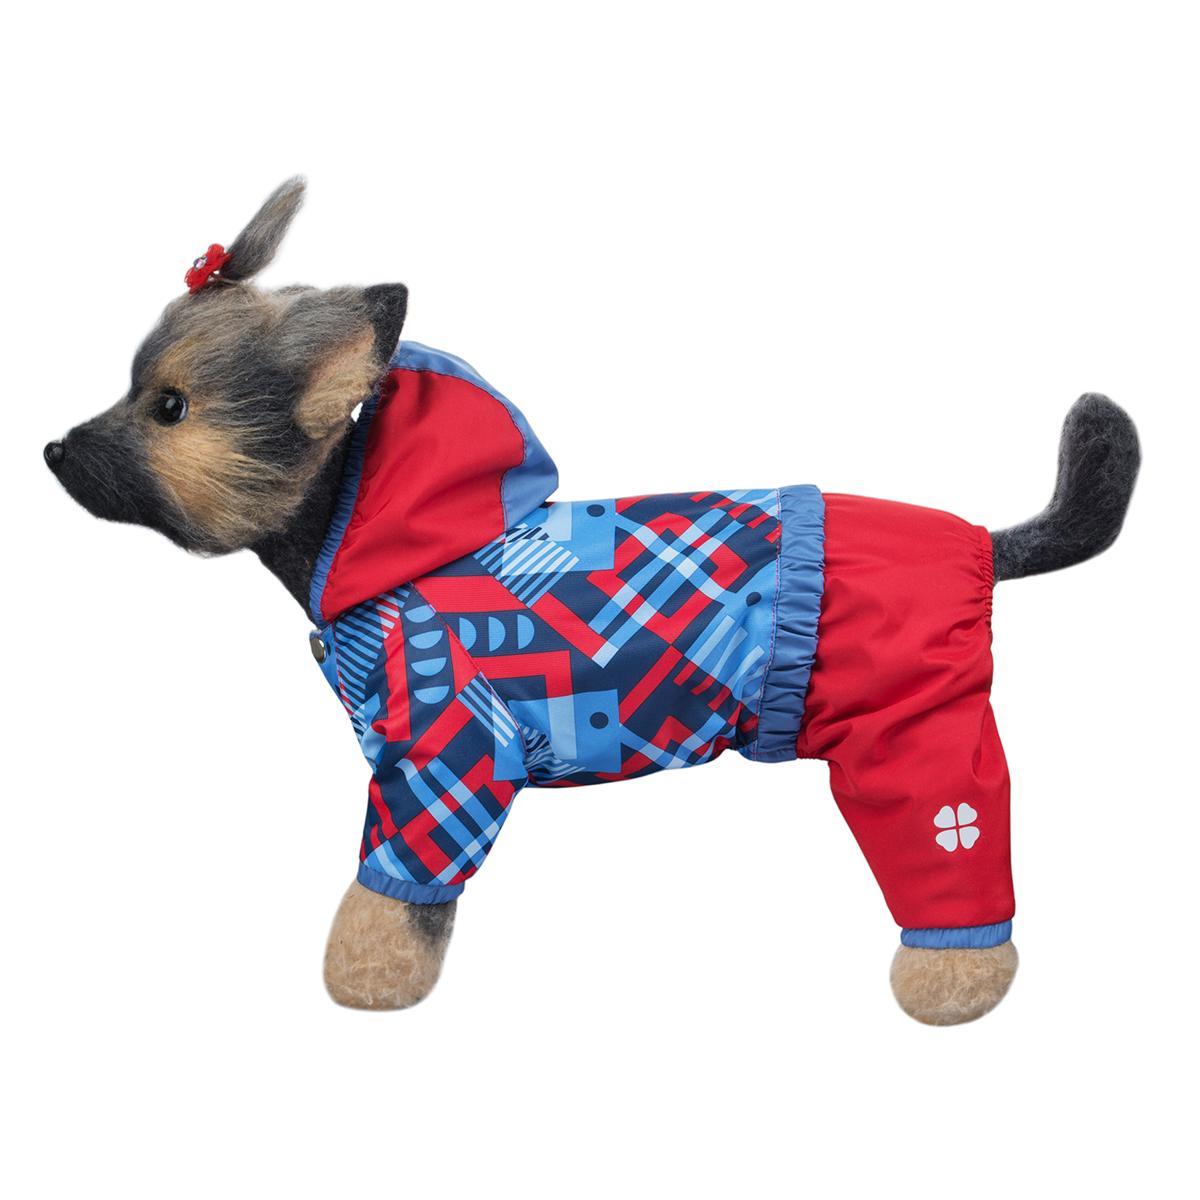 Комбинезон для собак Dogmoda  Прогулочный , для девочки, цвет: голубой, красный. Размер 1 (S) - Одежда, обувь, украшения